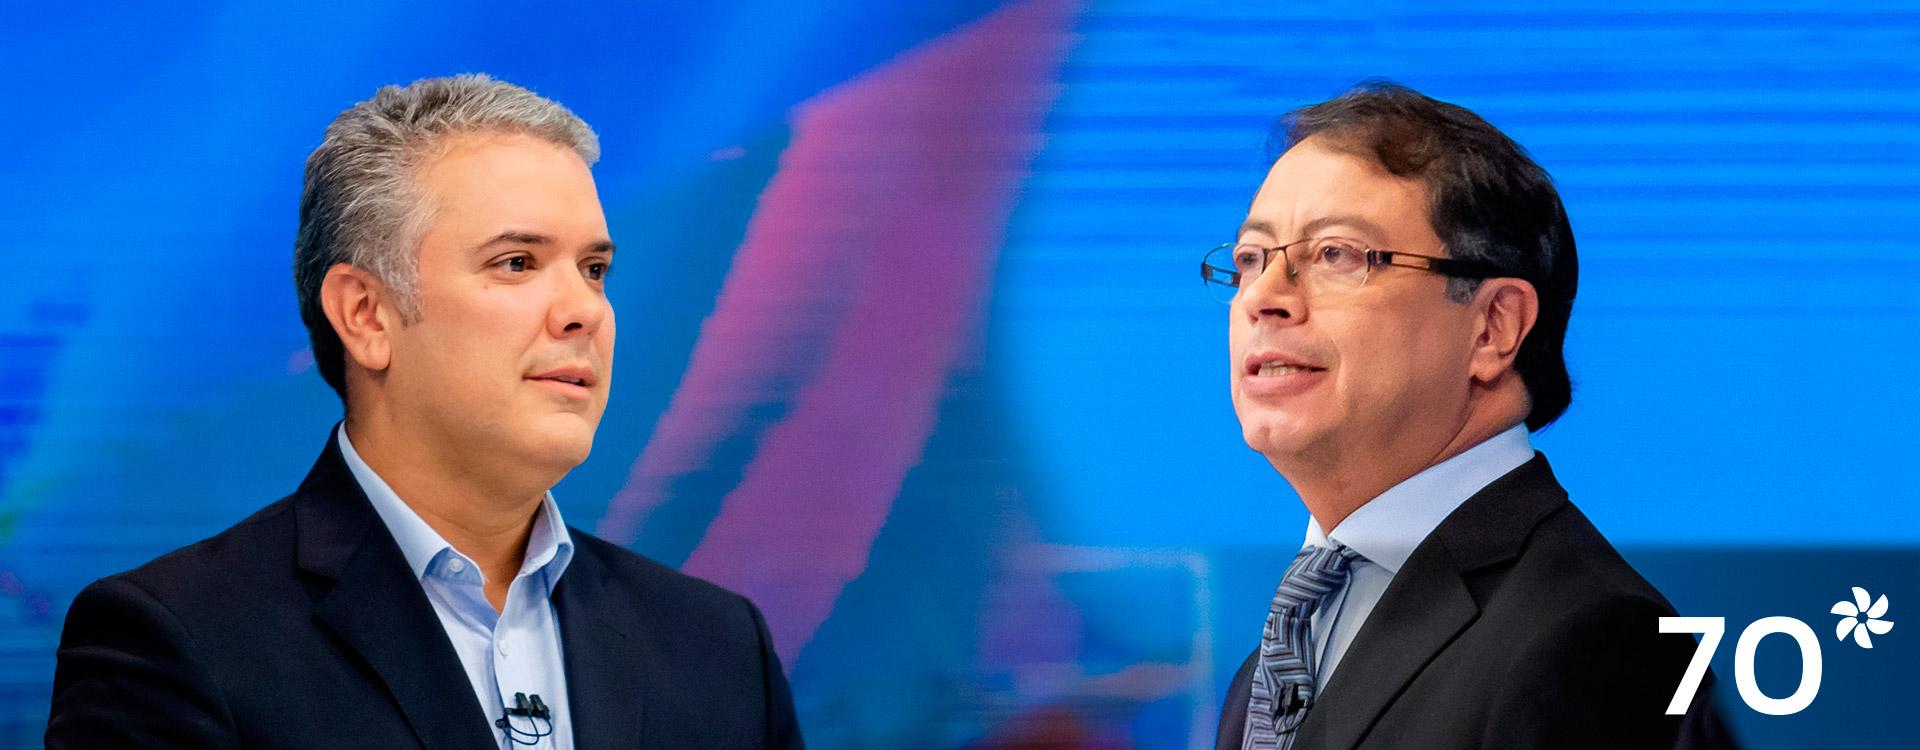 Imagen de los candidatos presidenciales Iván Duque y Gustavo Petro